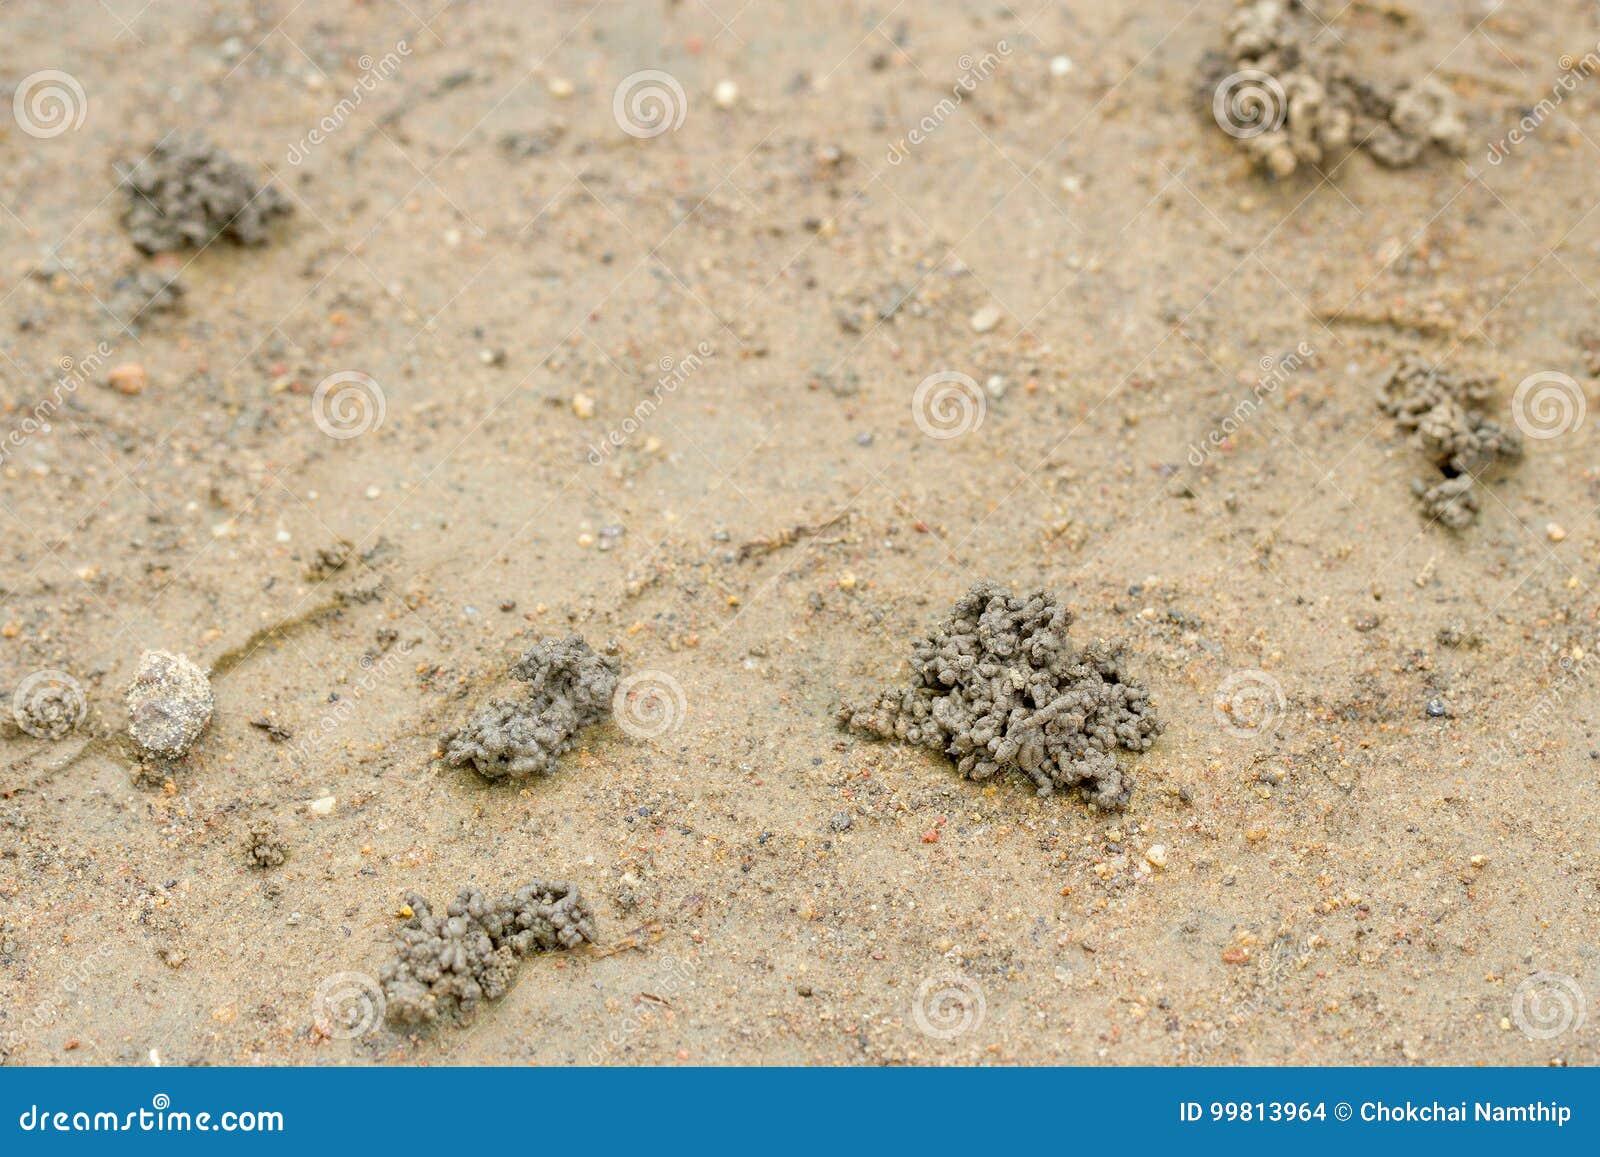 heces de gusanos